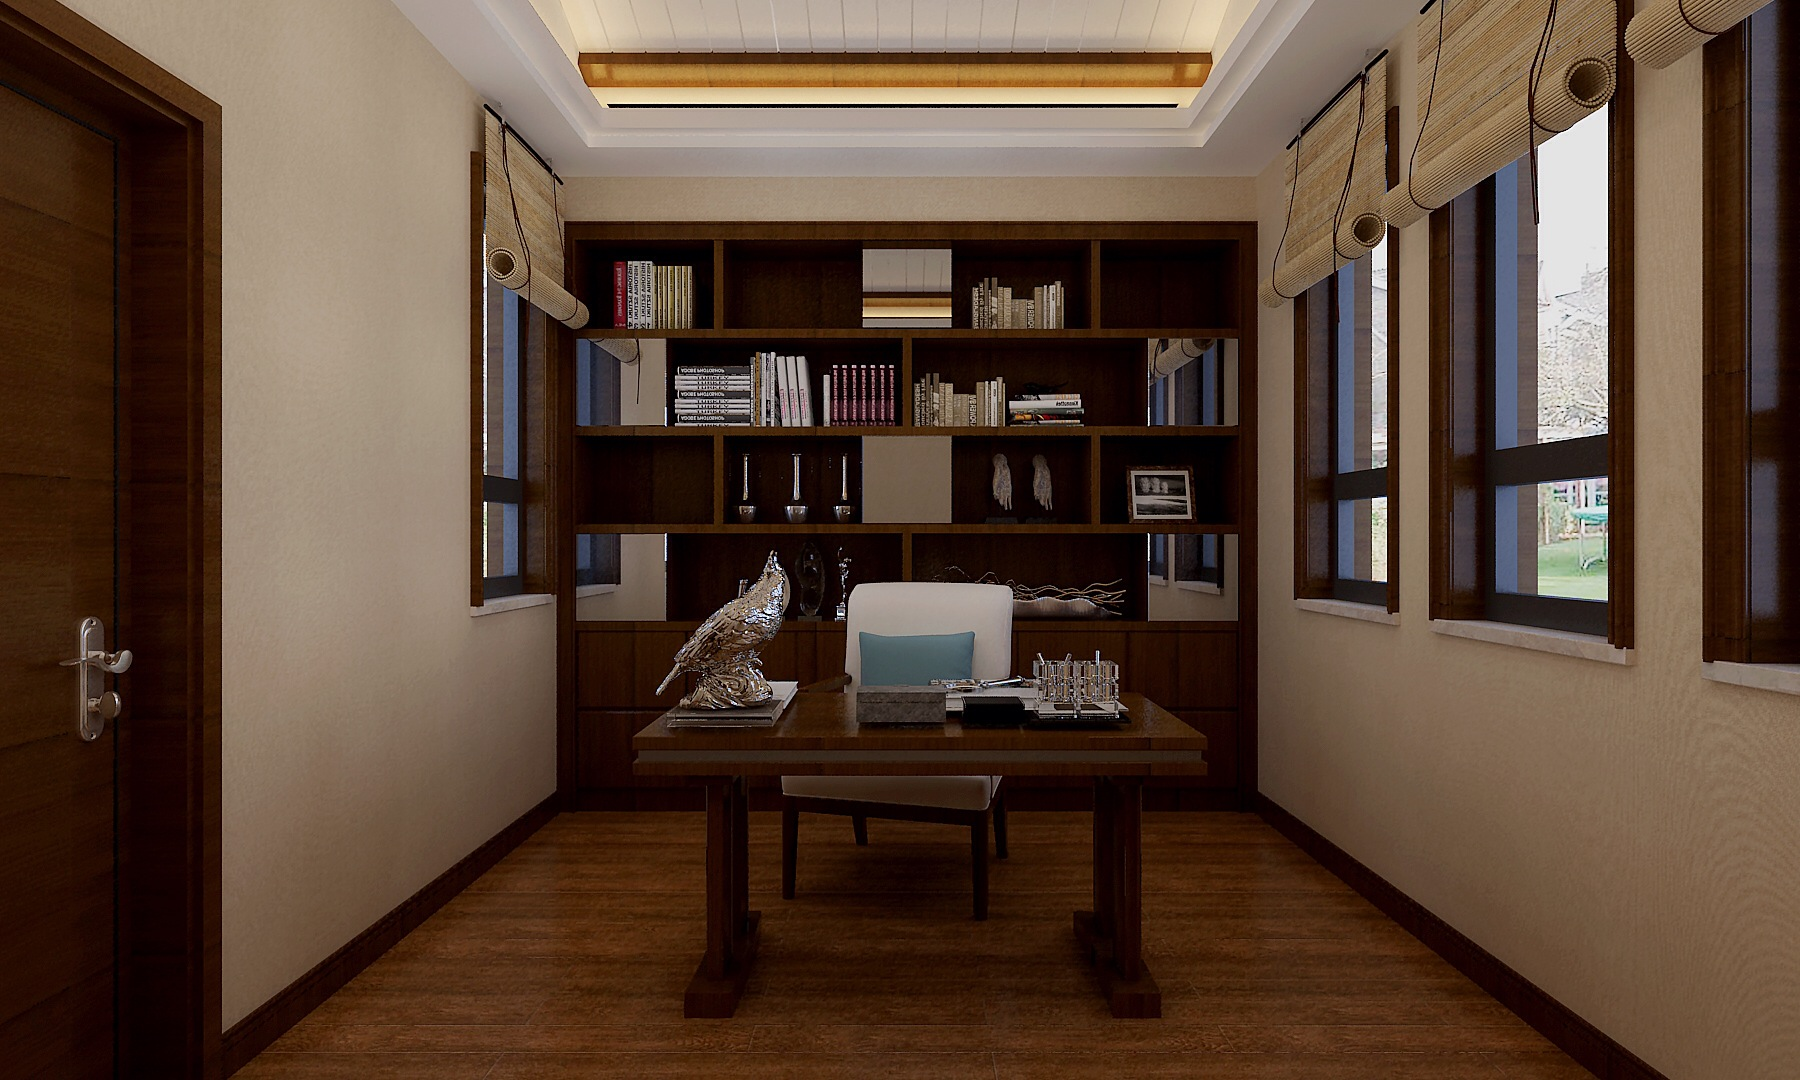 三居 别墅 书房图片来自武汉生活家在新中式风格的分享